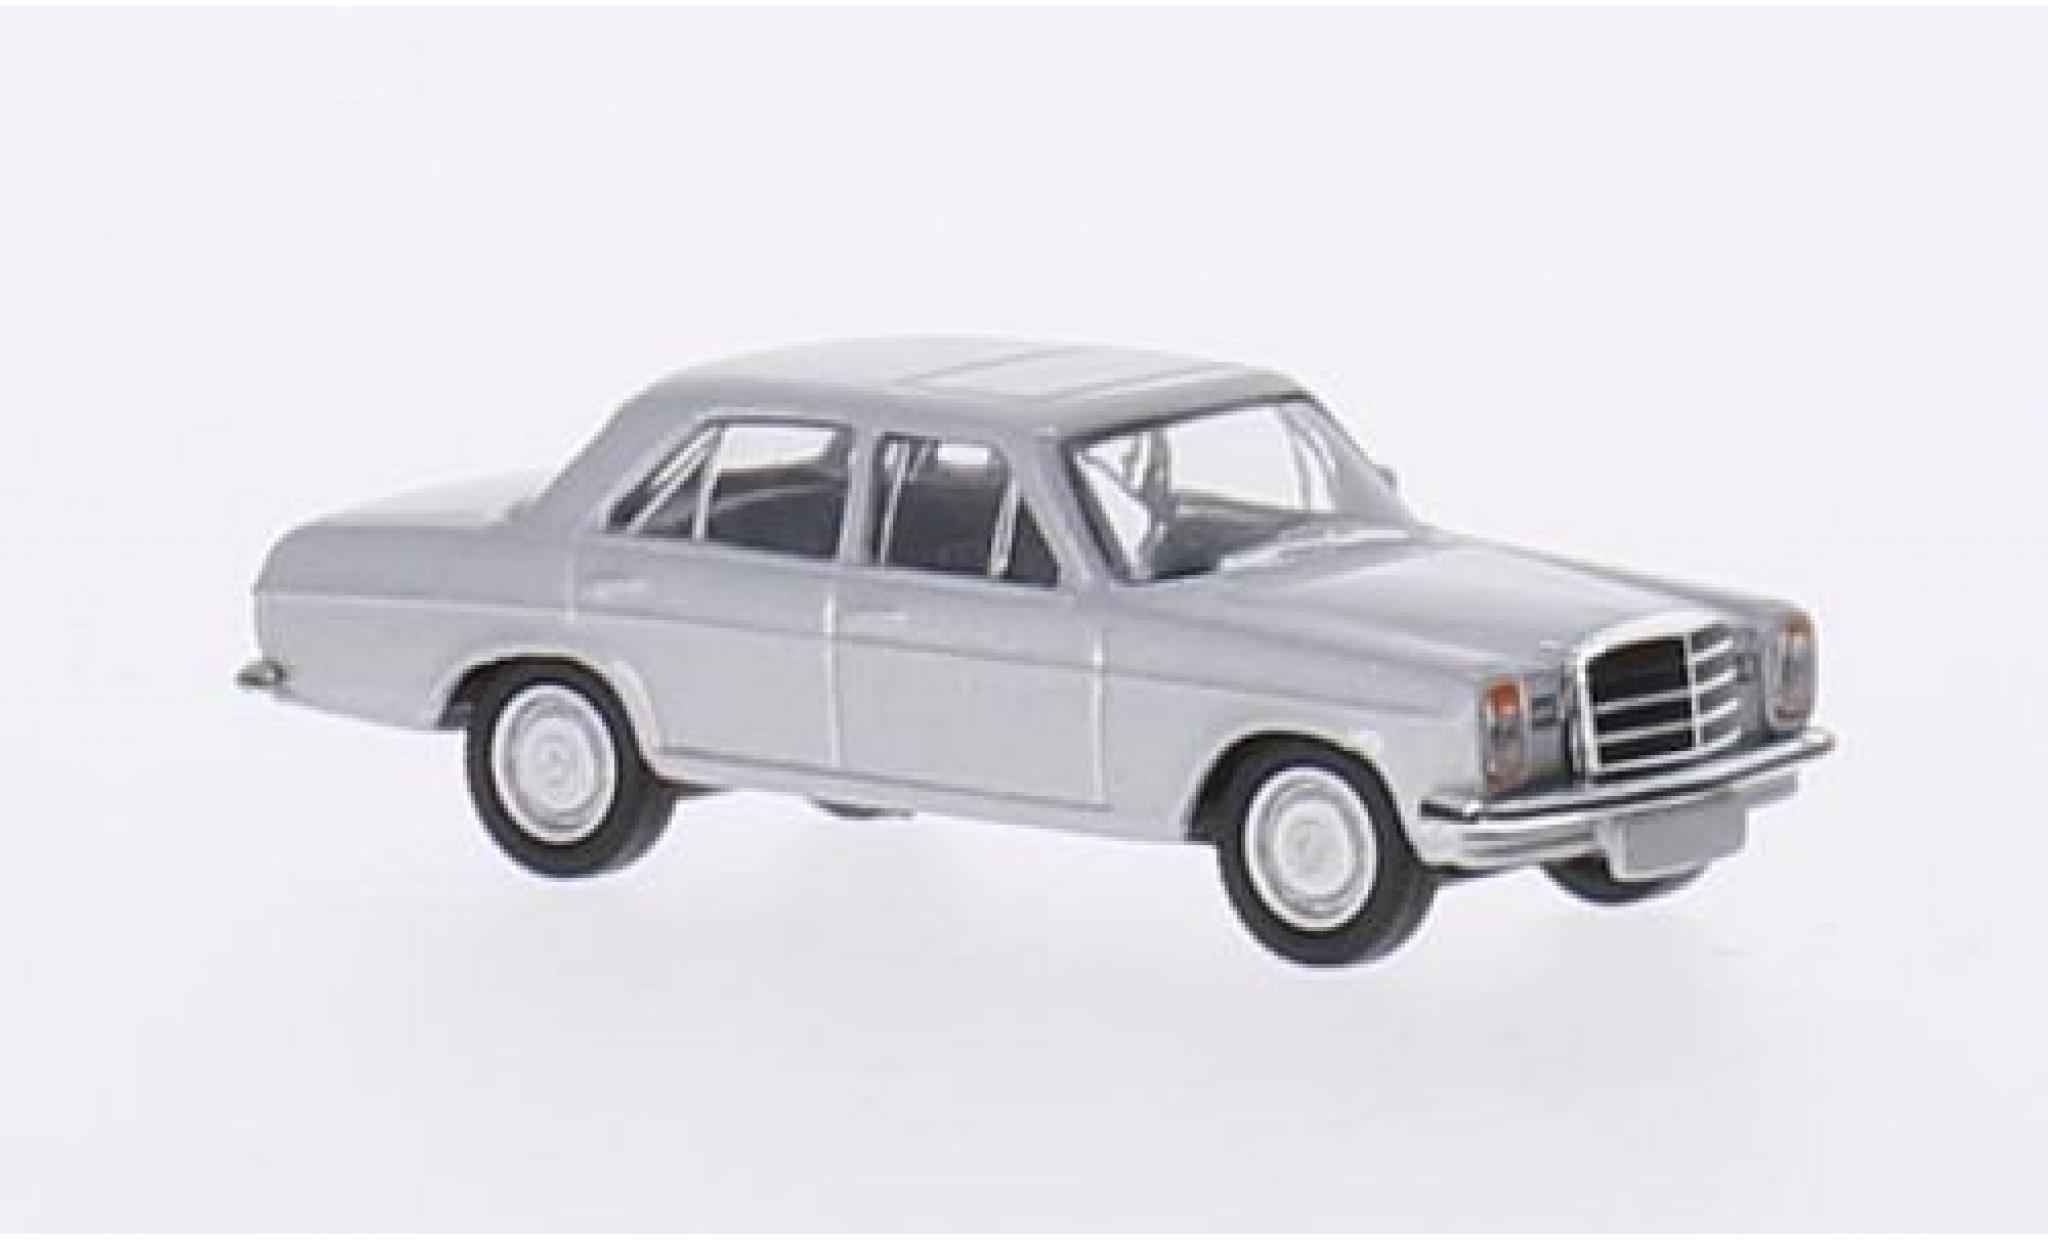 Mercedes 200 1/87 Schuco (W115) grise Strichacht (/8)